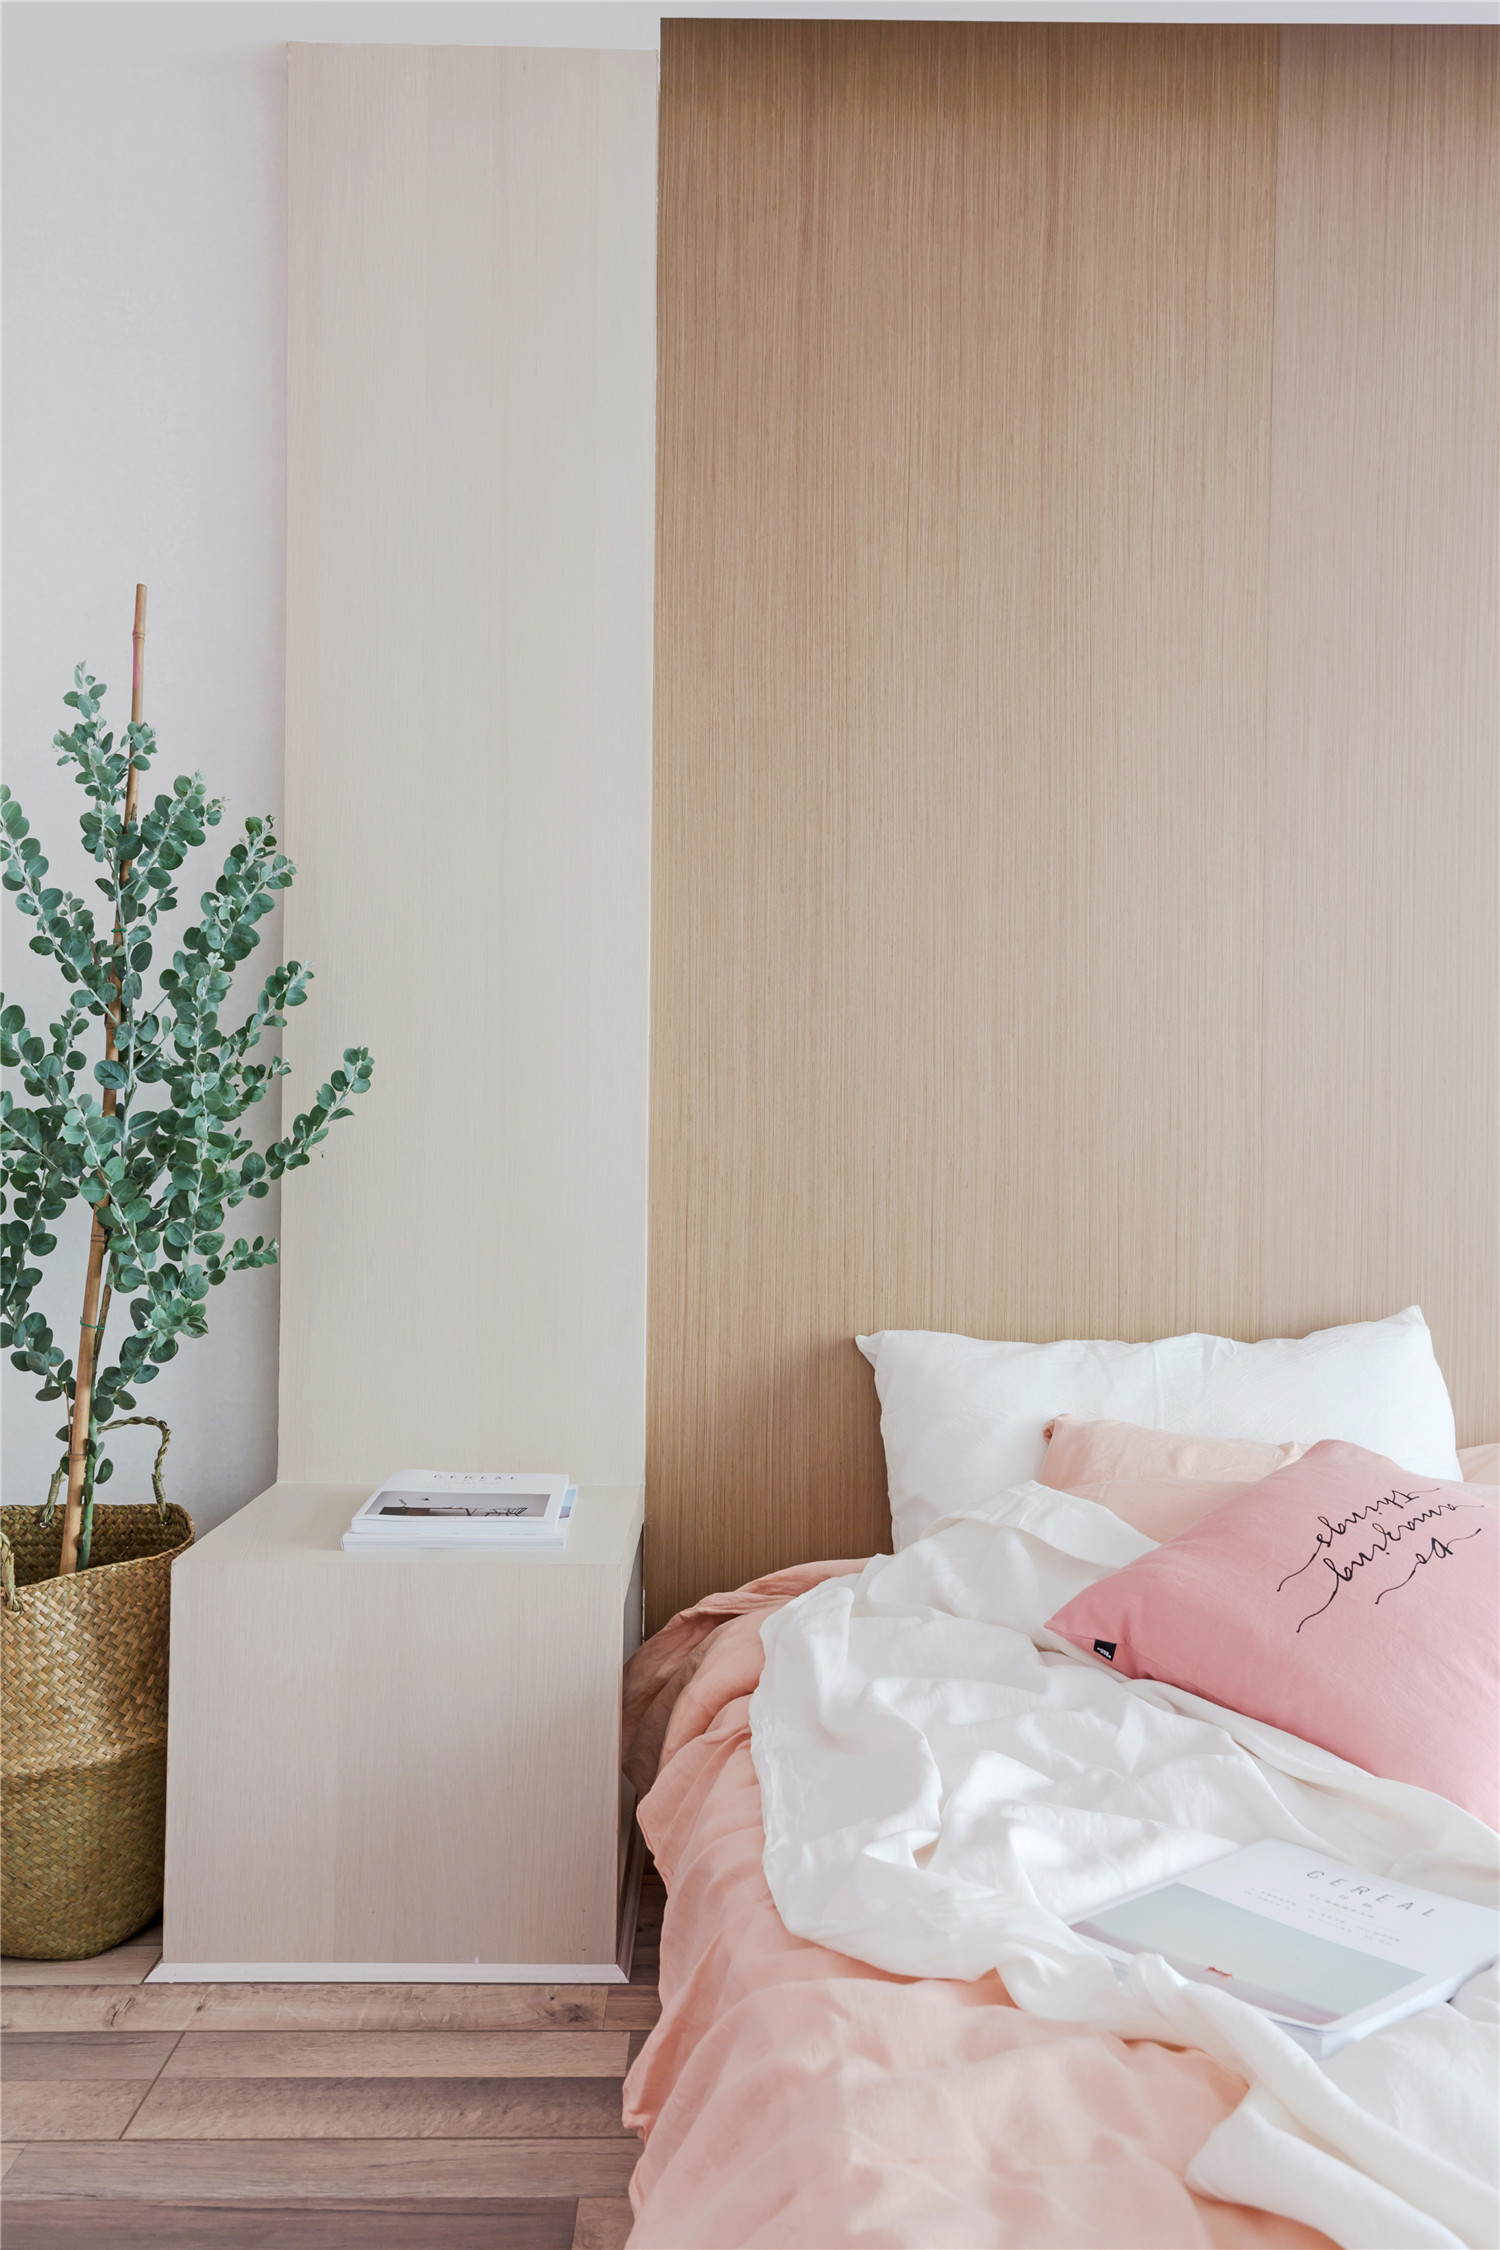 78㎡小户型装修卧室效果图